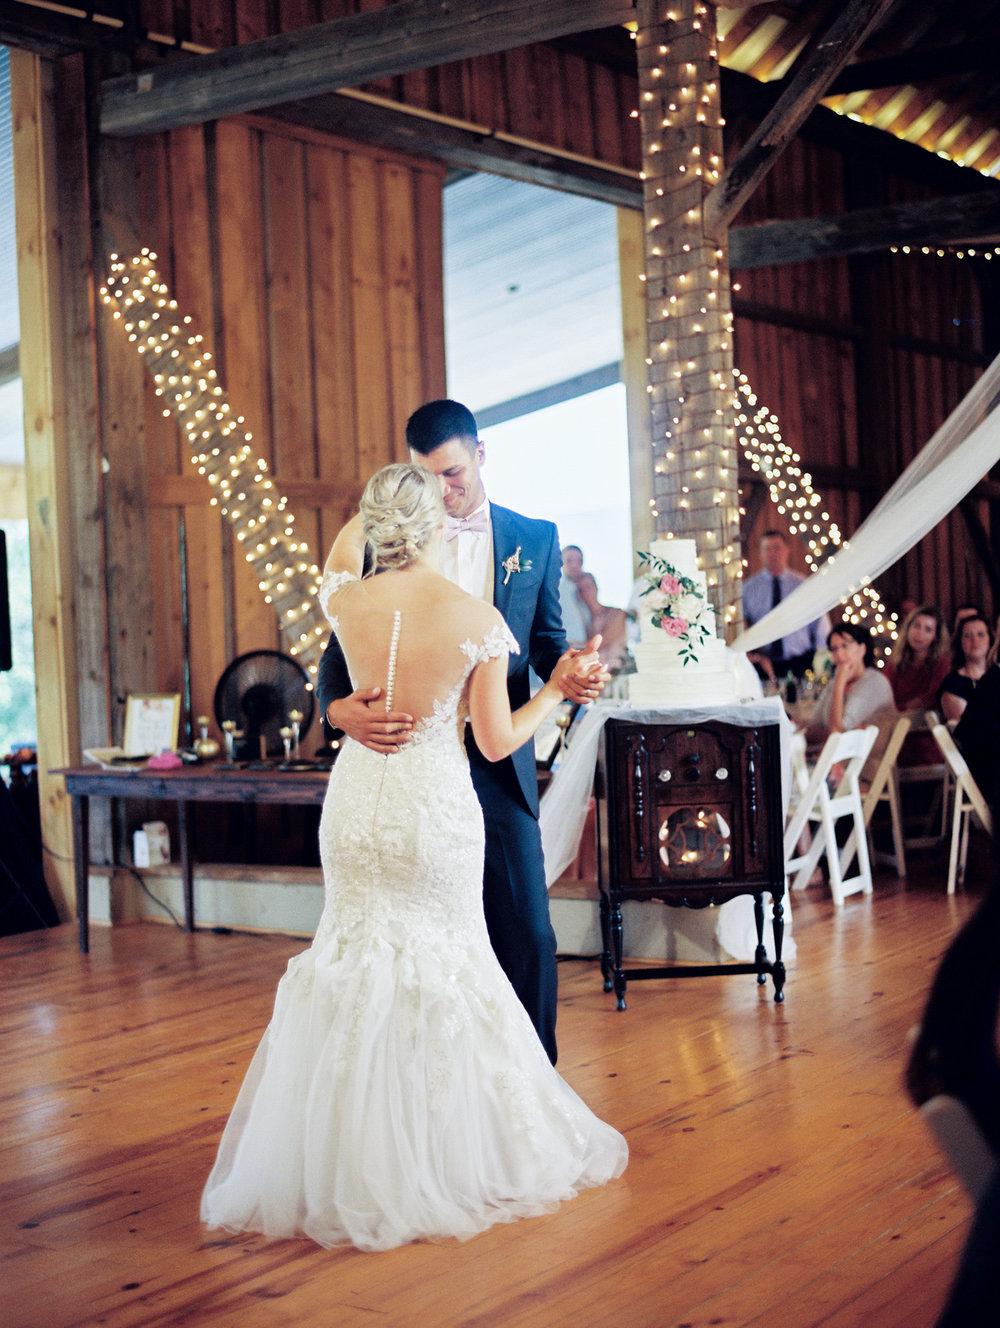 Sorella-farms-barn-wedding-venue-lynchburg-film-photographer-90.jpg